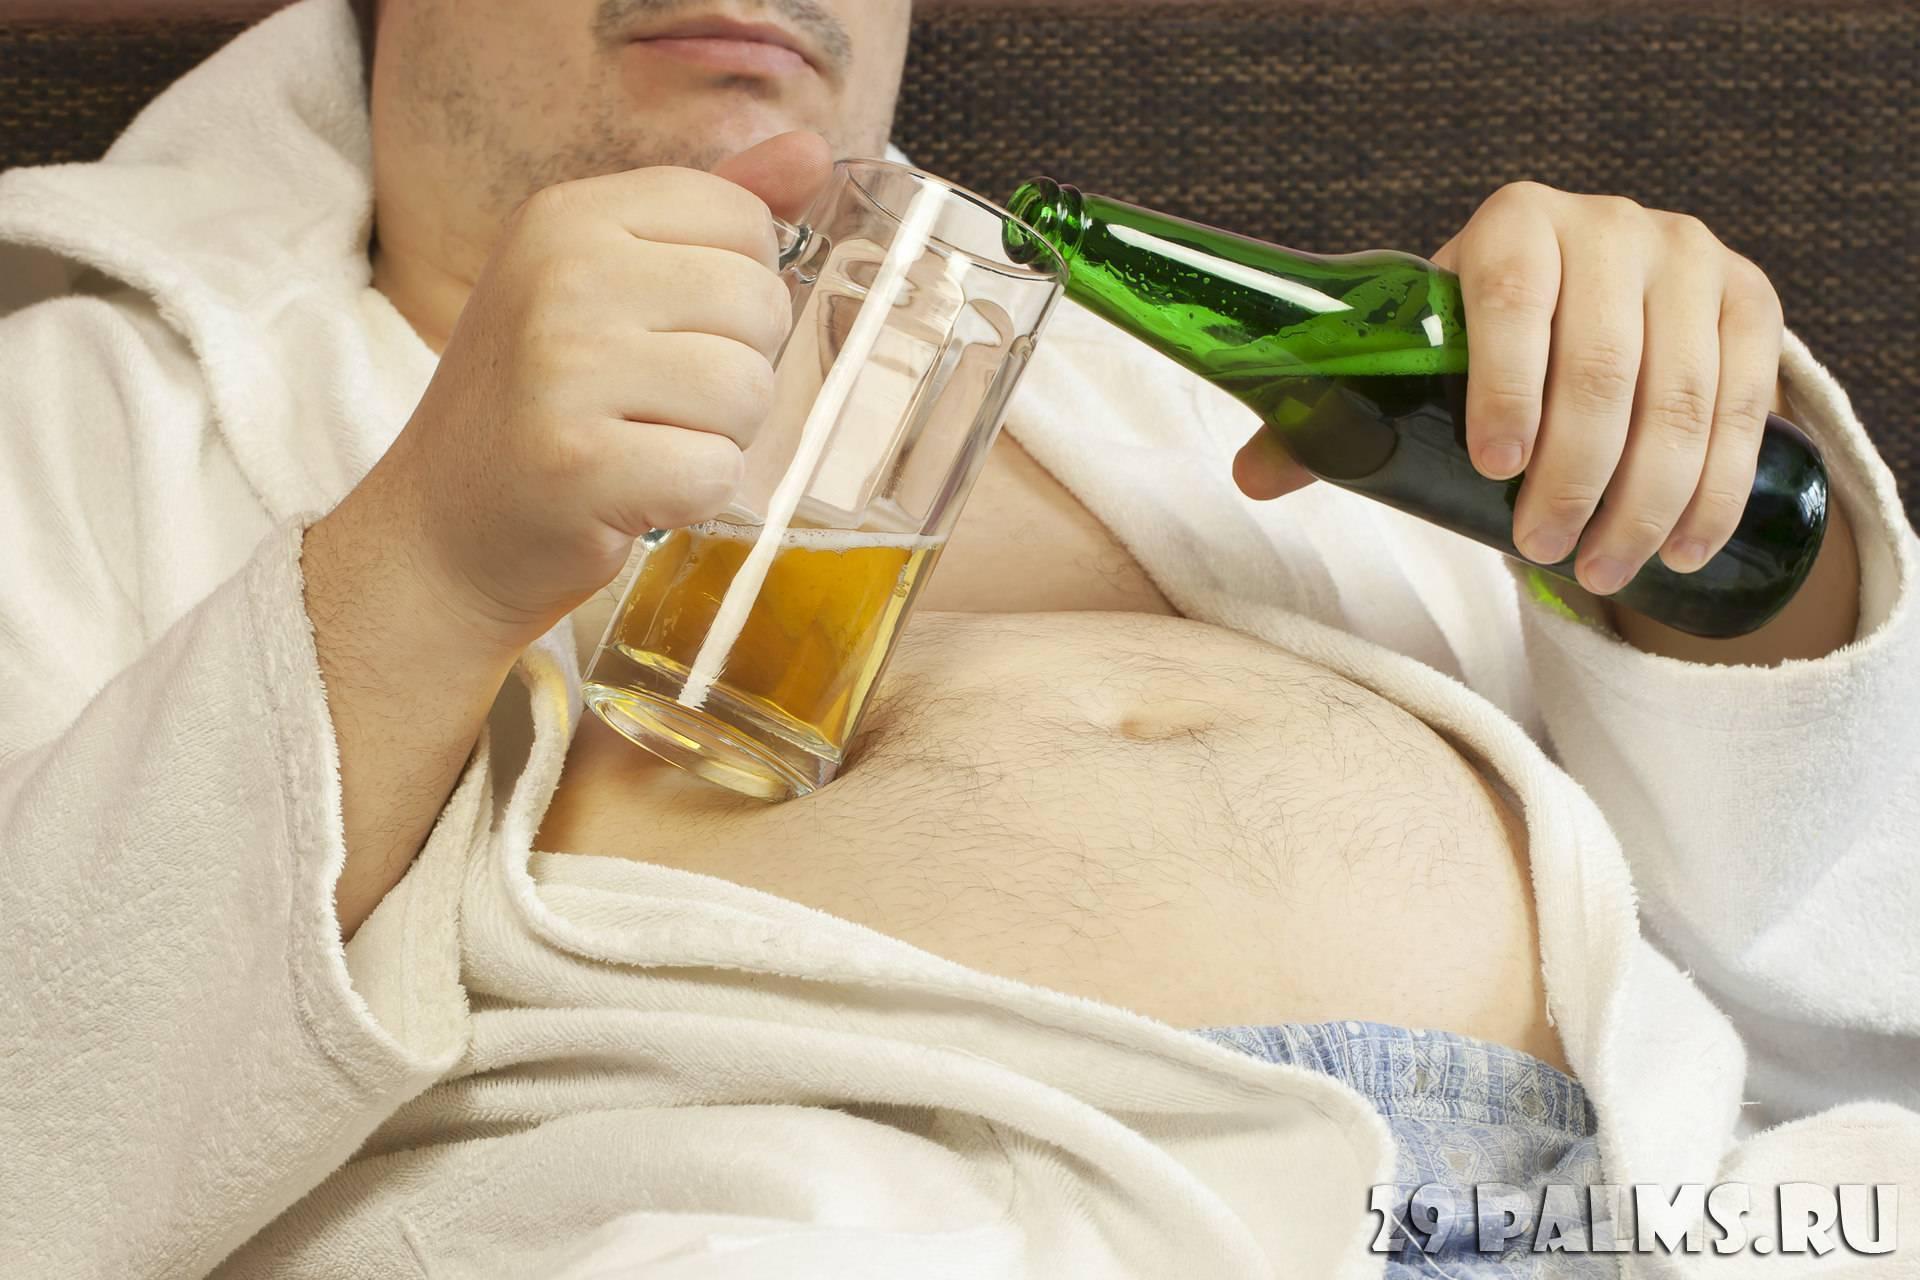 Как отучить мужа пить алкоголь?